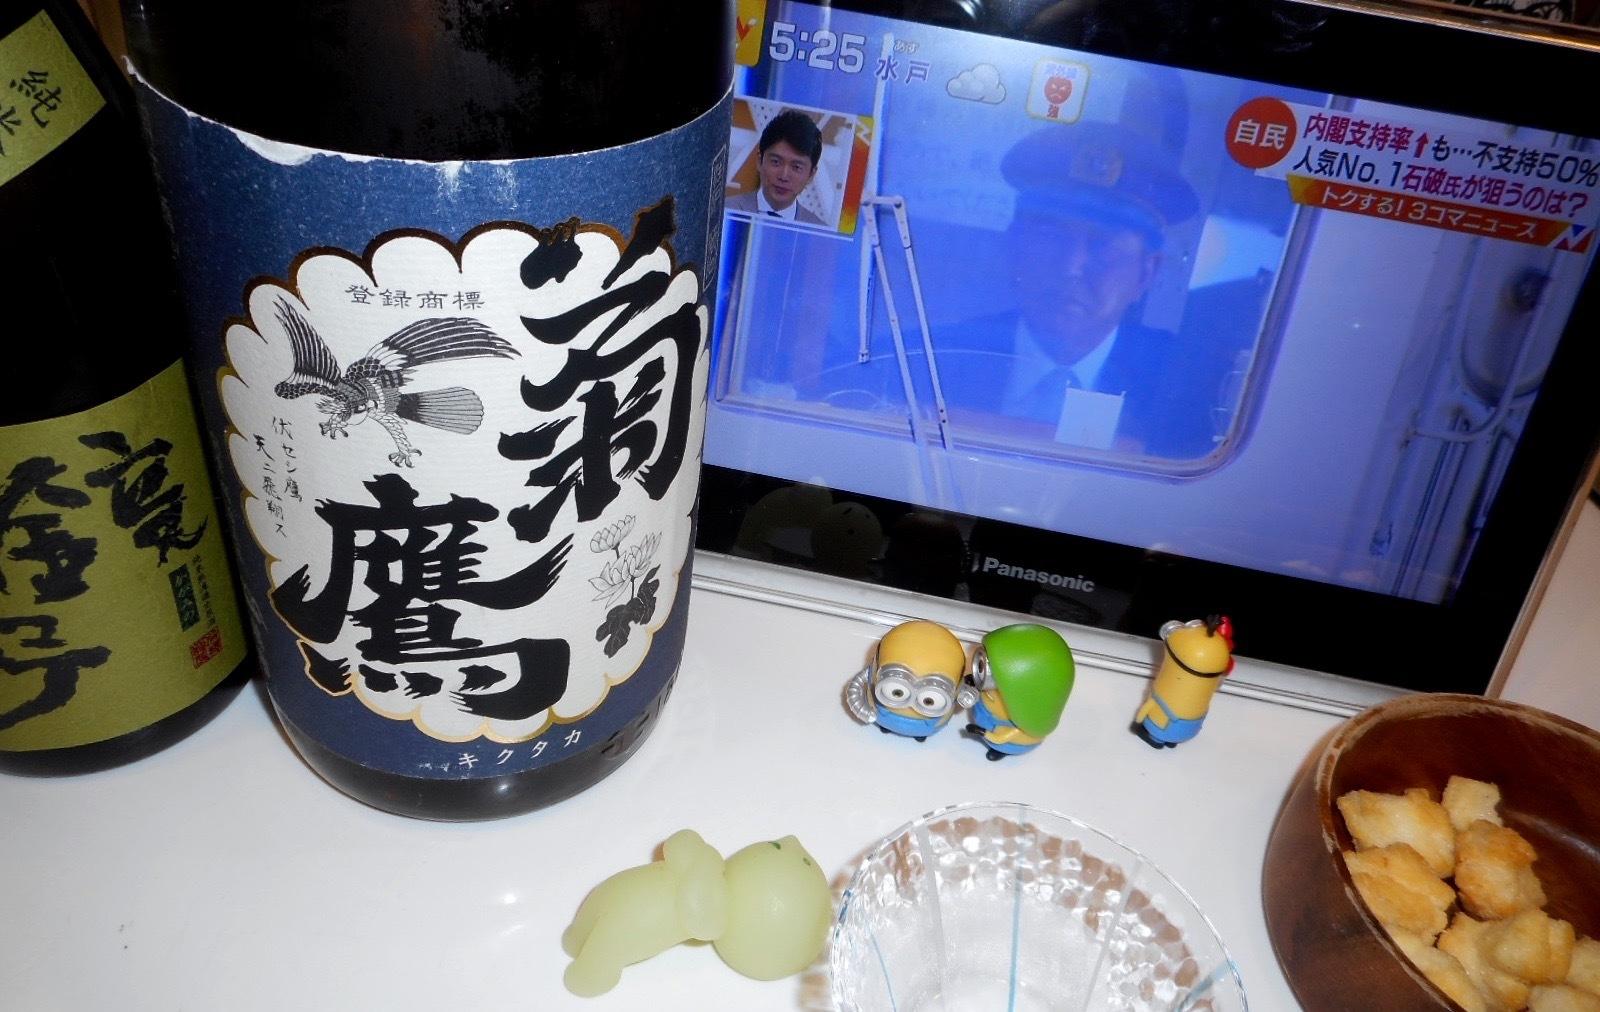 kikutaka_shifuku_nama28by8.jpg